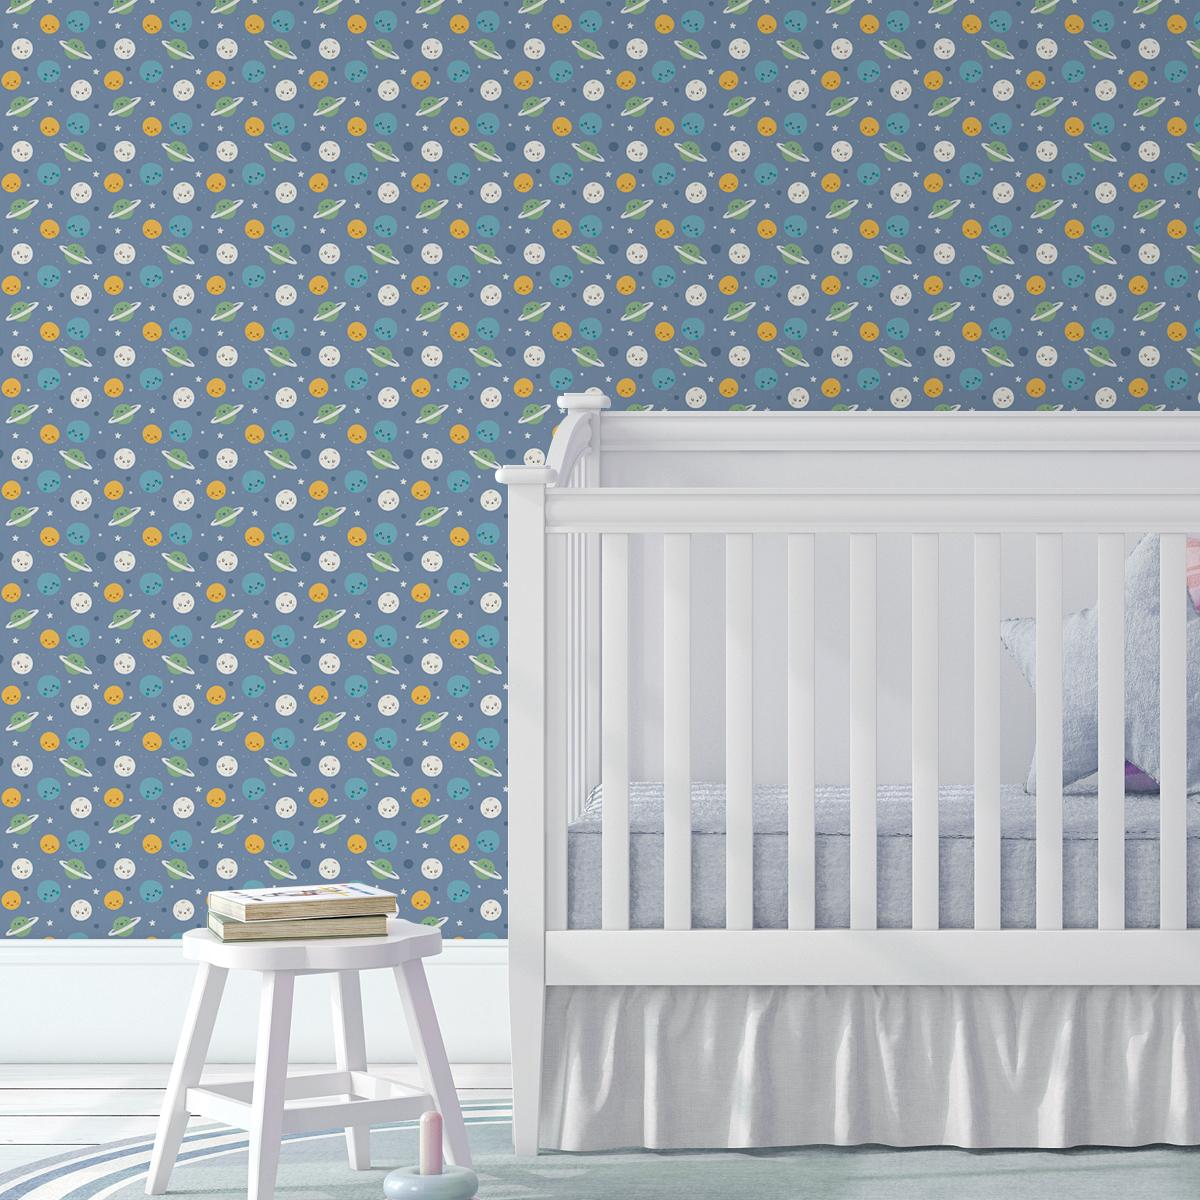 Kindertapete mittelblau: Kinderzimmer Tapete